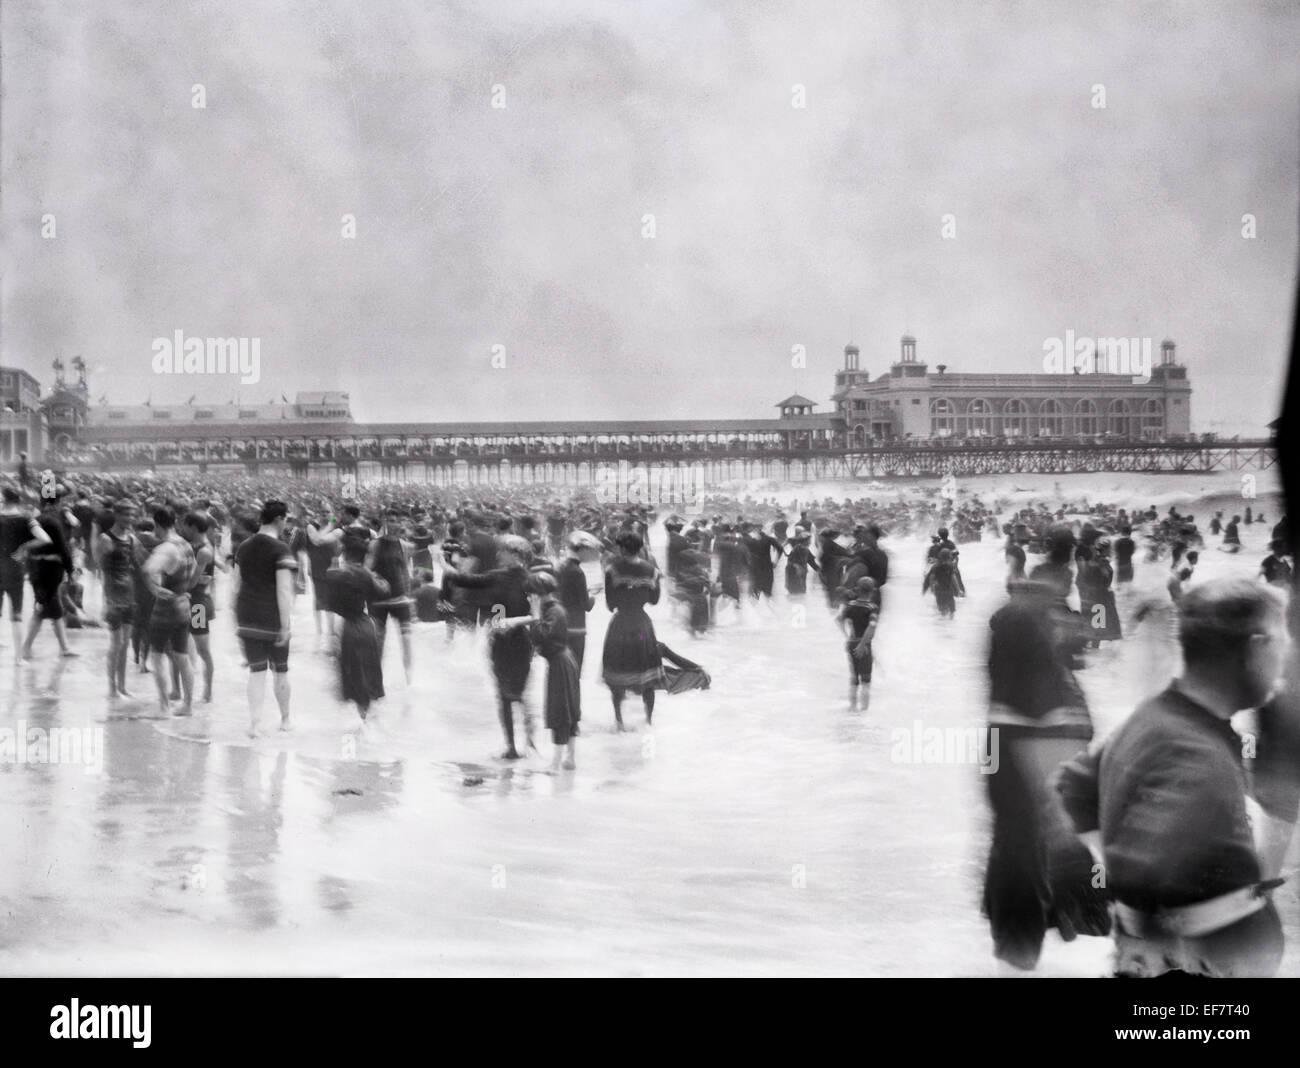 Antique 1899 fotografia, acciaio Pier dalla spiaggia con i bagnanti Vittoriano, in Atlantic City, New Jersey, USA. Immagini Stock